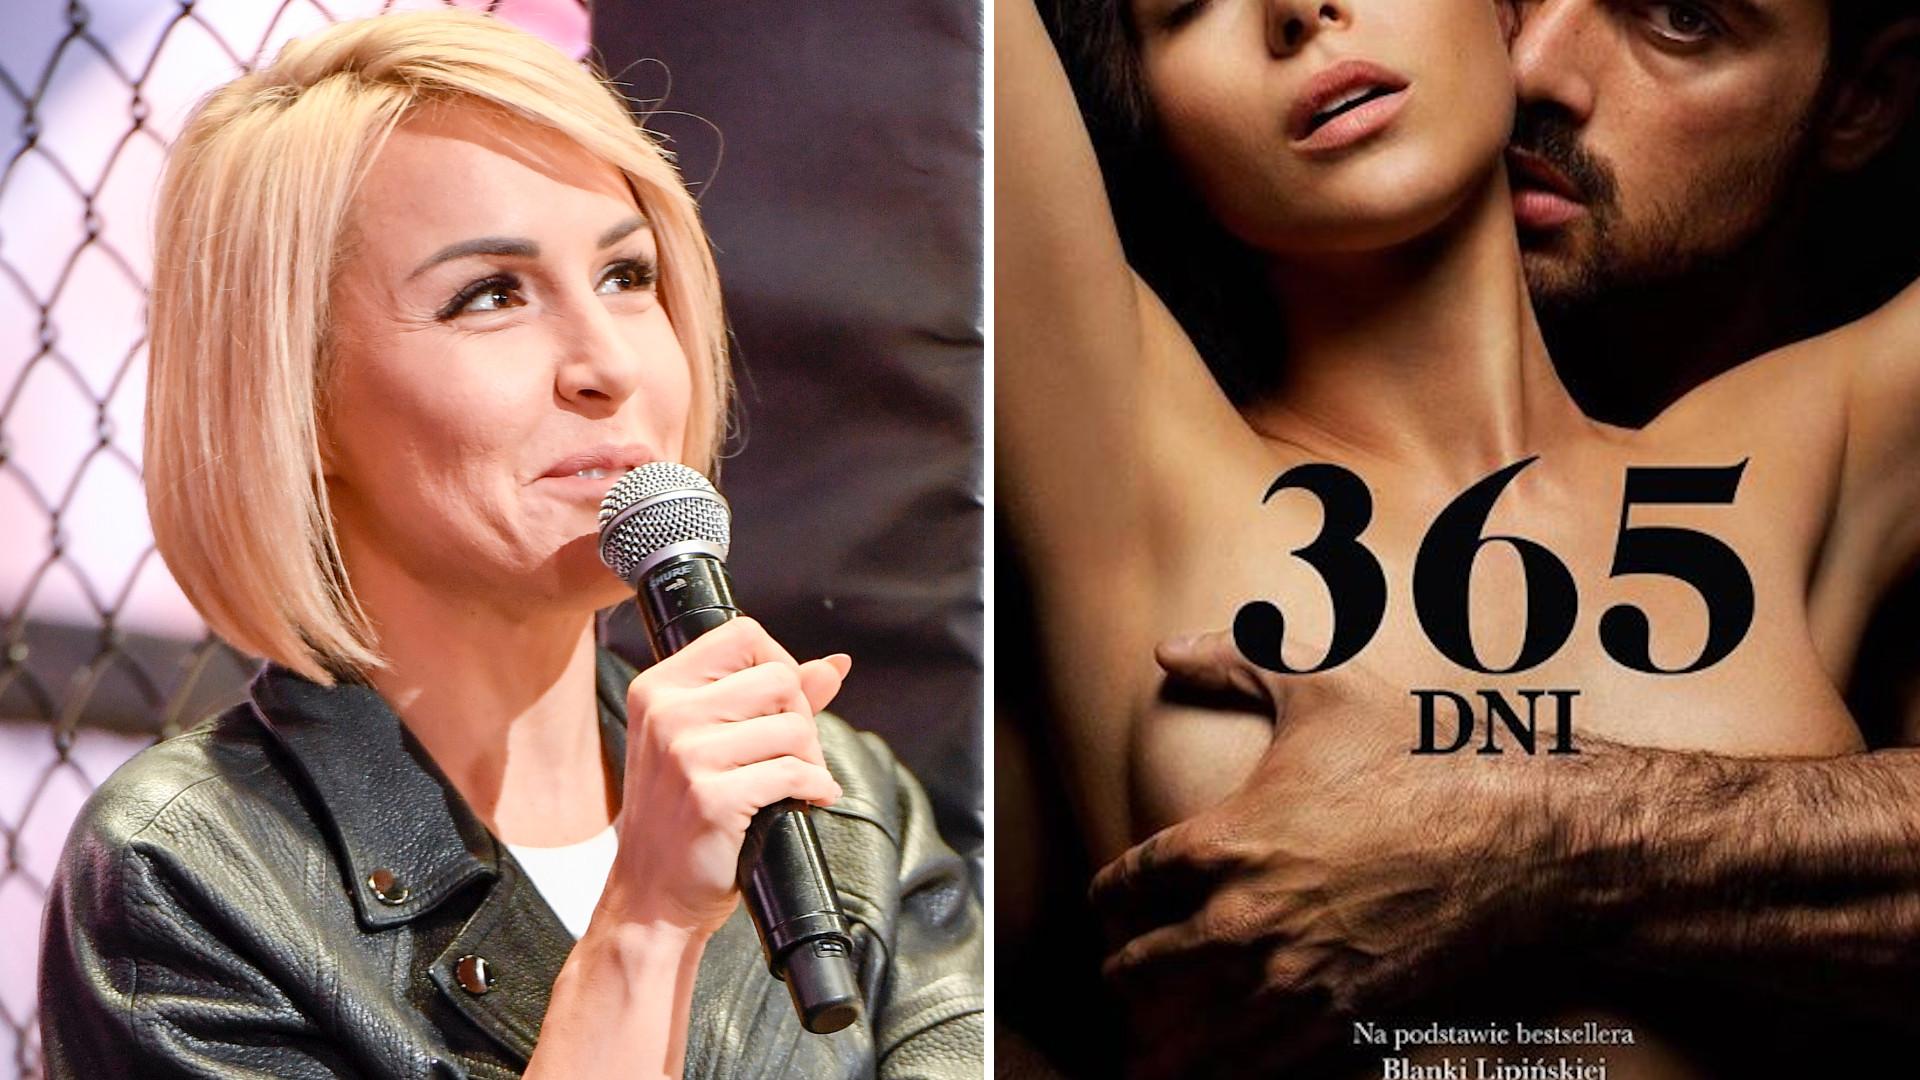 """""""365 dni"""" najlepszym polskim filmem na Netflixie? Blanka Lipińska dokonała niemożliwego"""